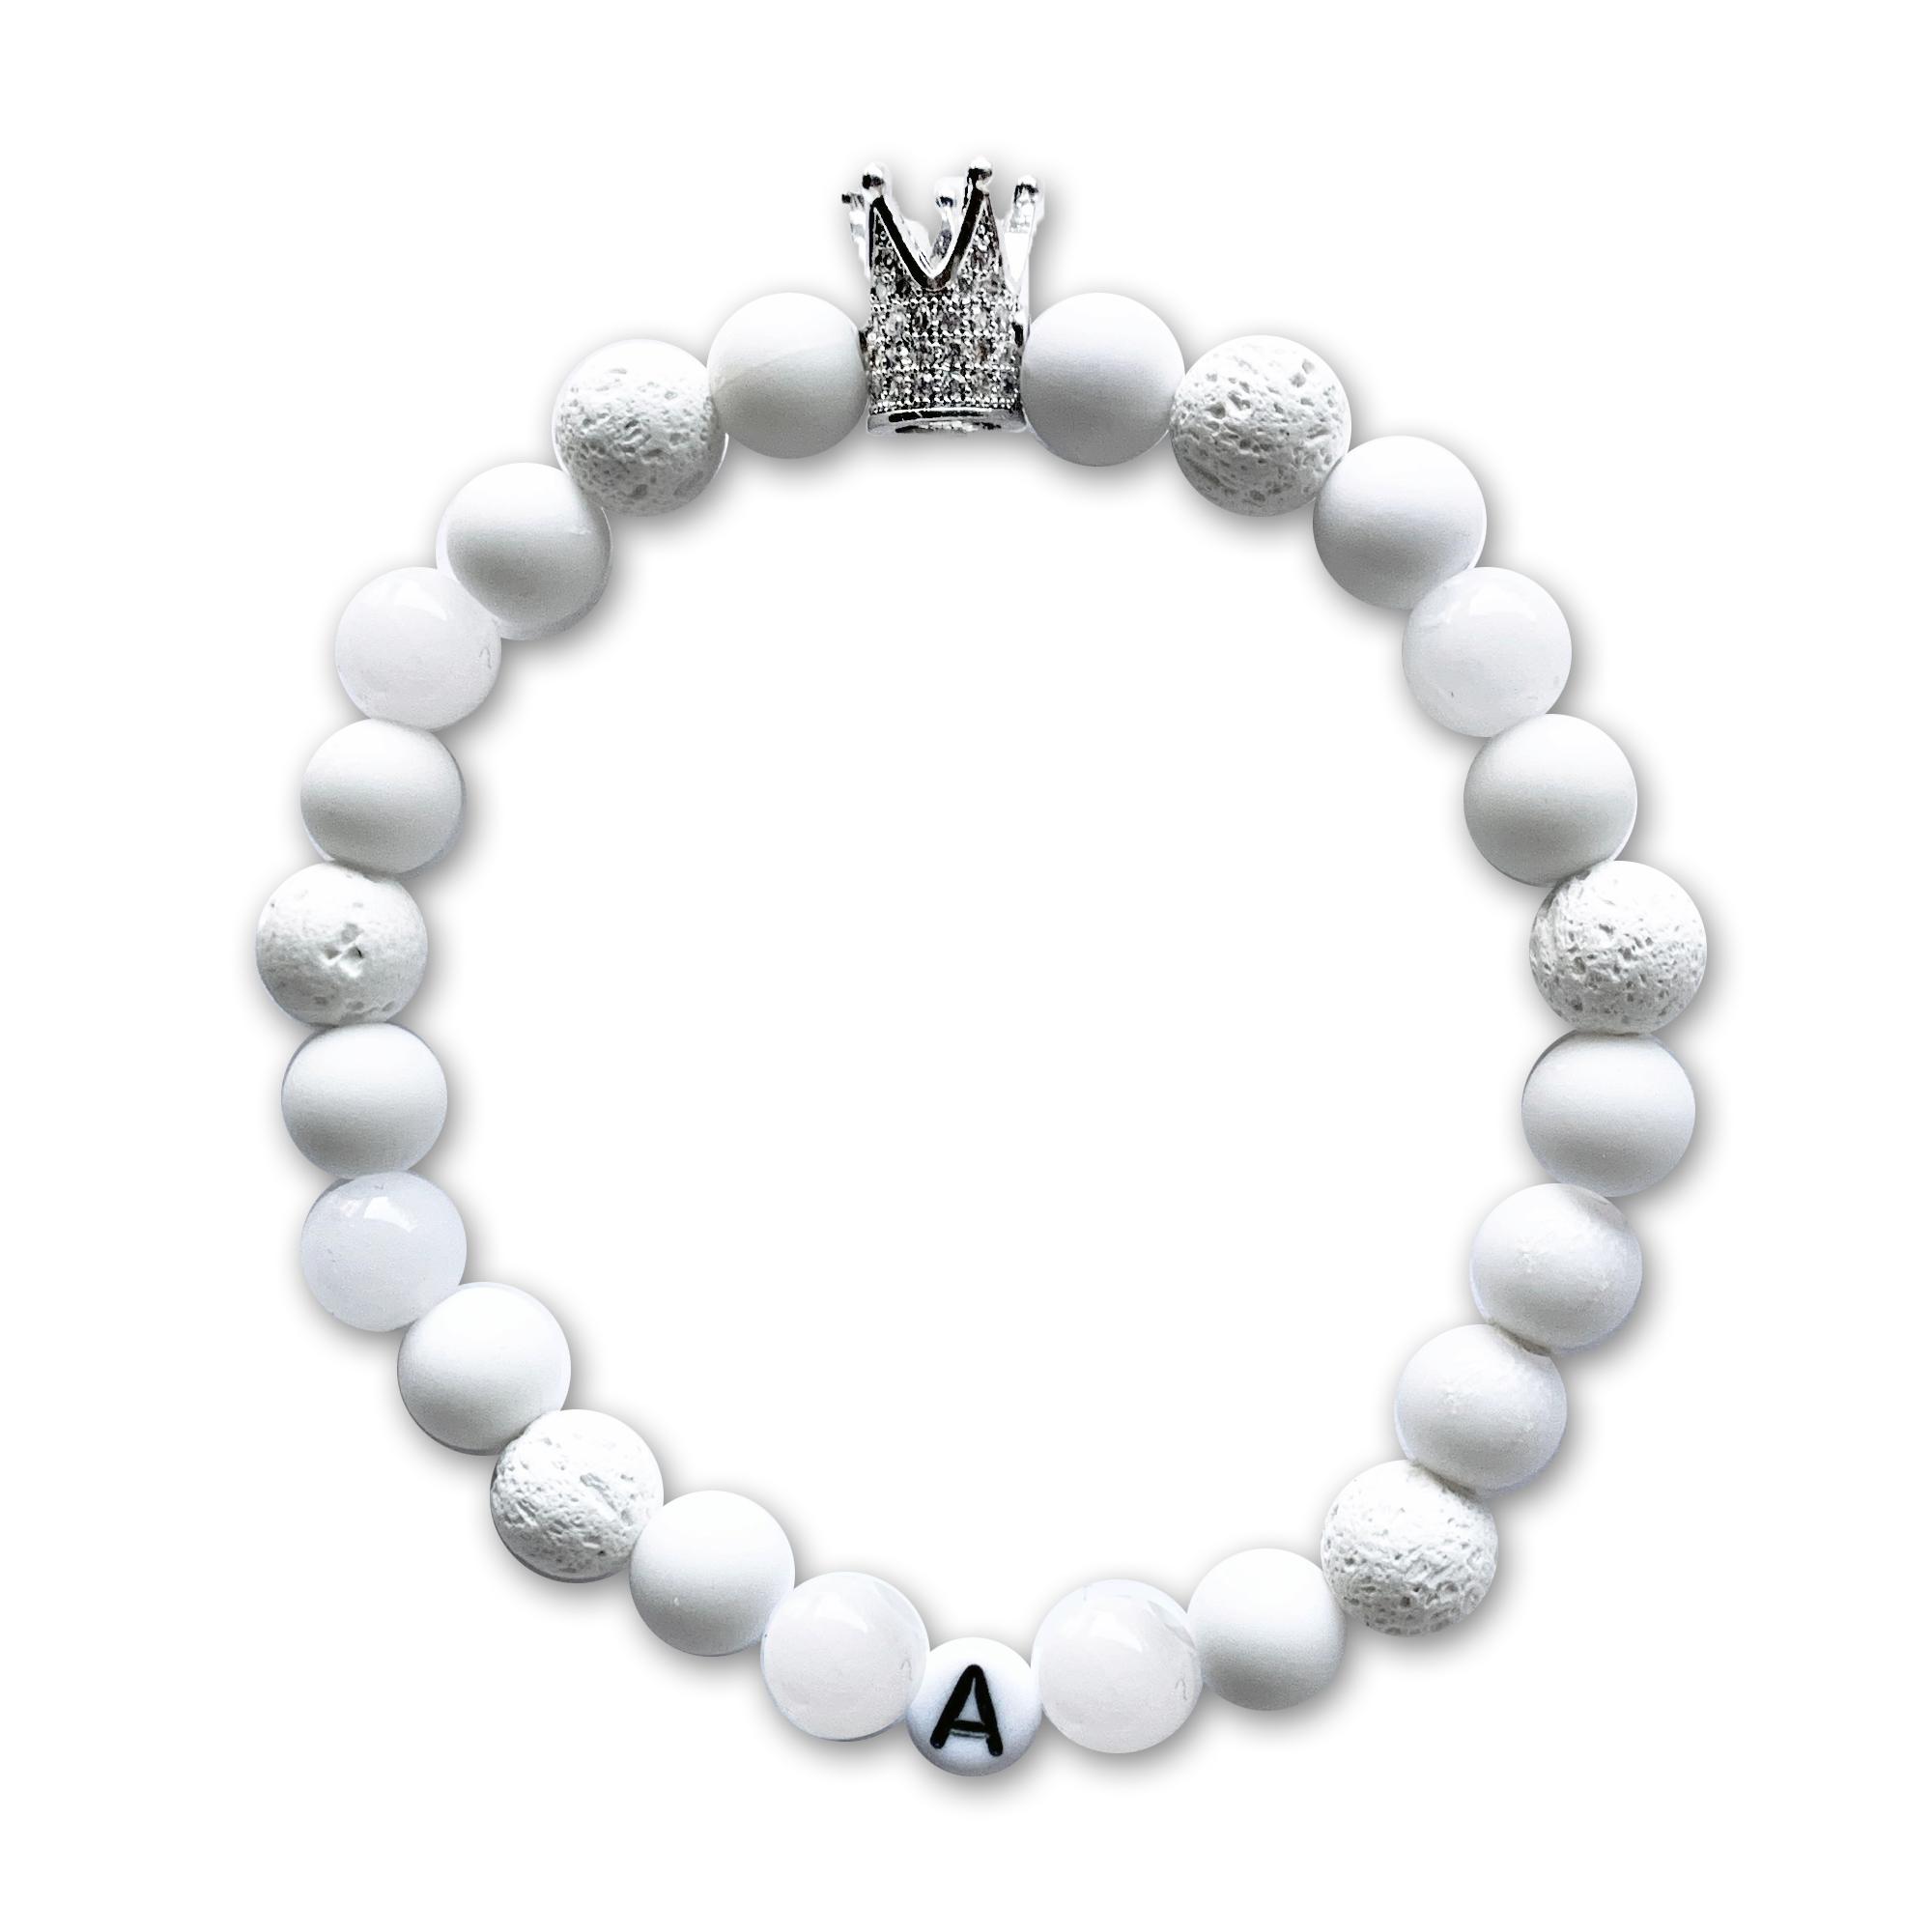 Biely kombinovaný s písmenom a korunou